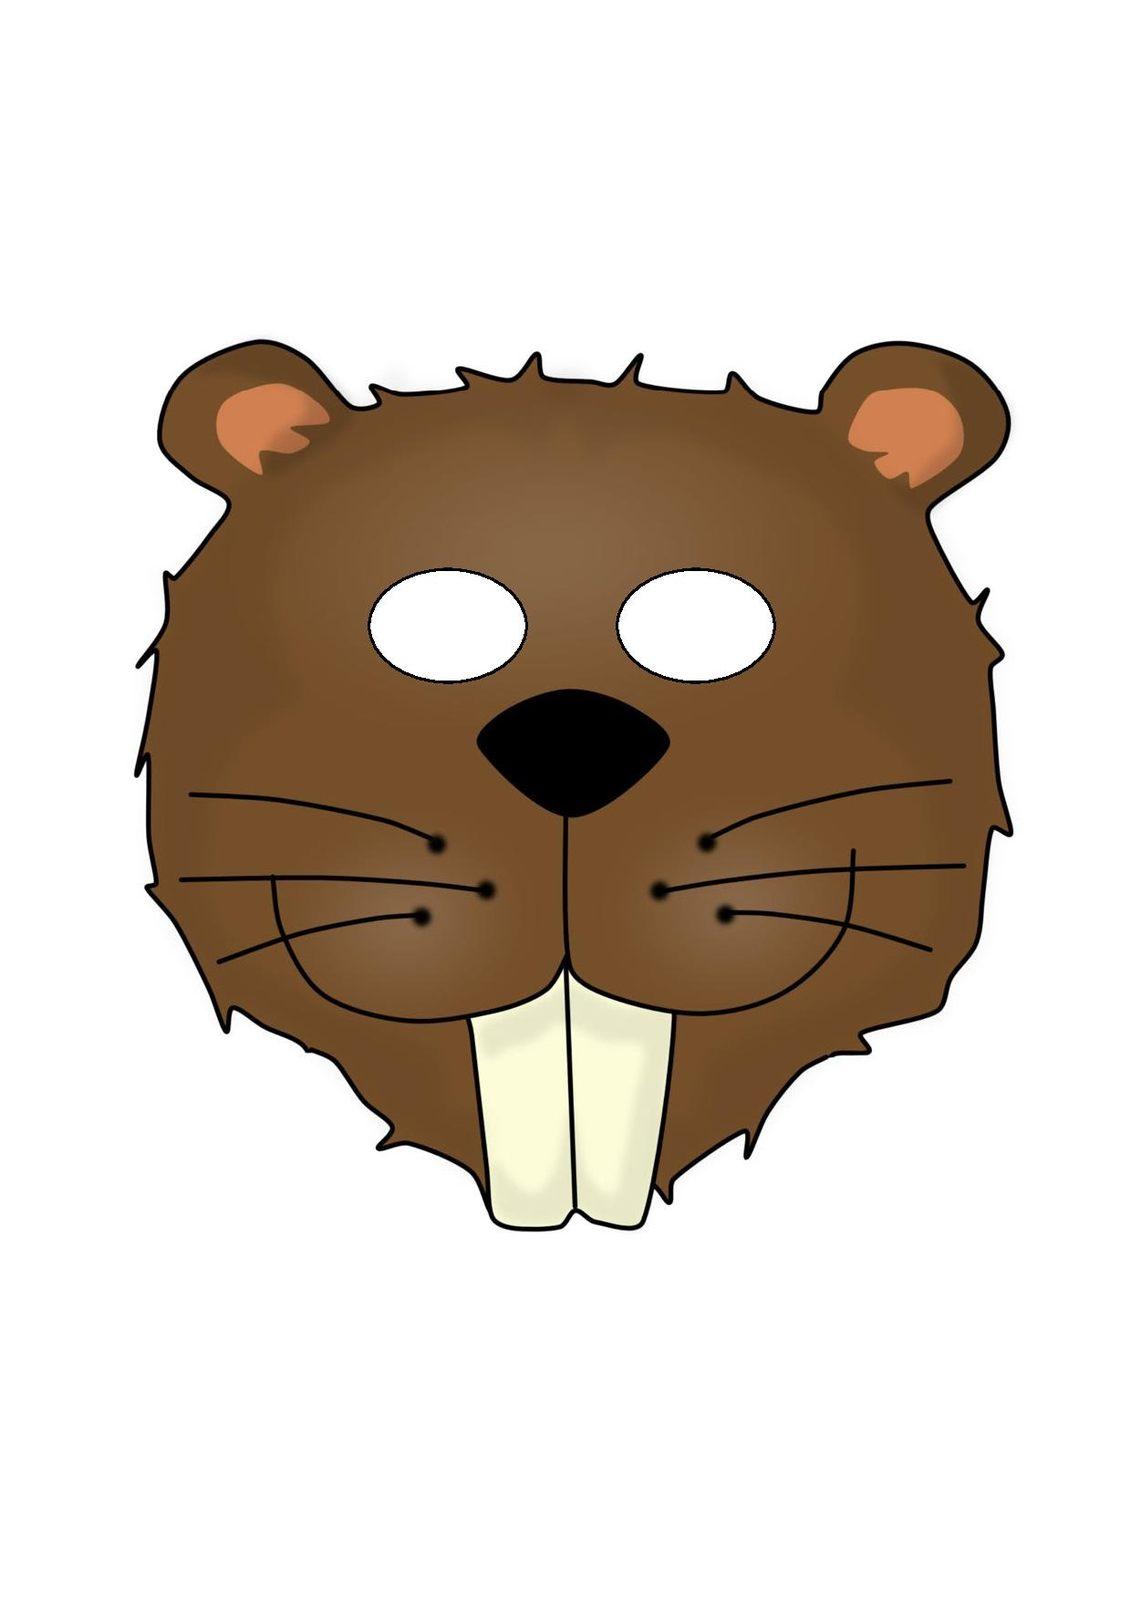 Маска Медведя на голову из бумаги - распечатай шаблон бесплатно! новые фото